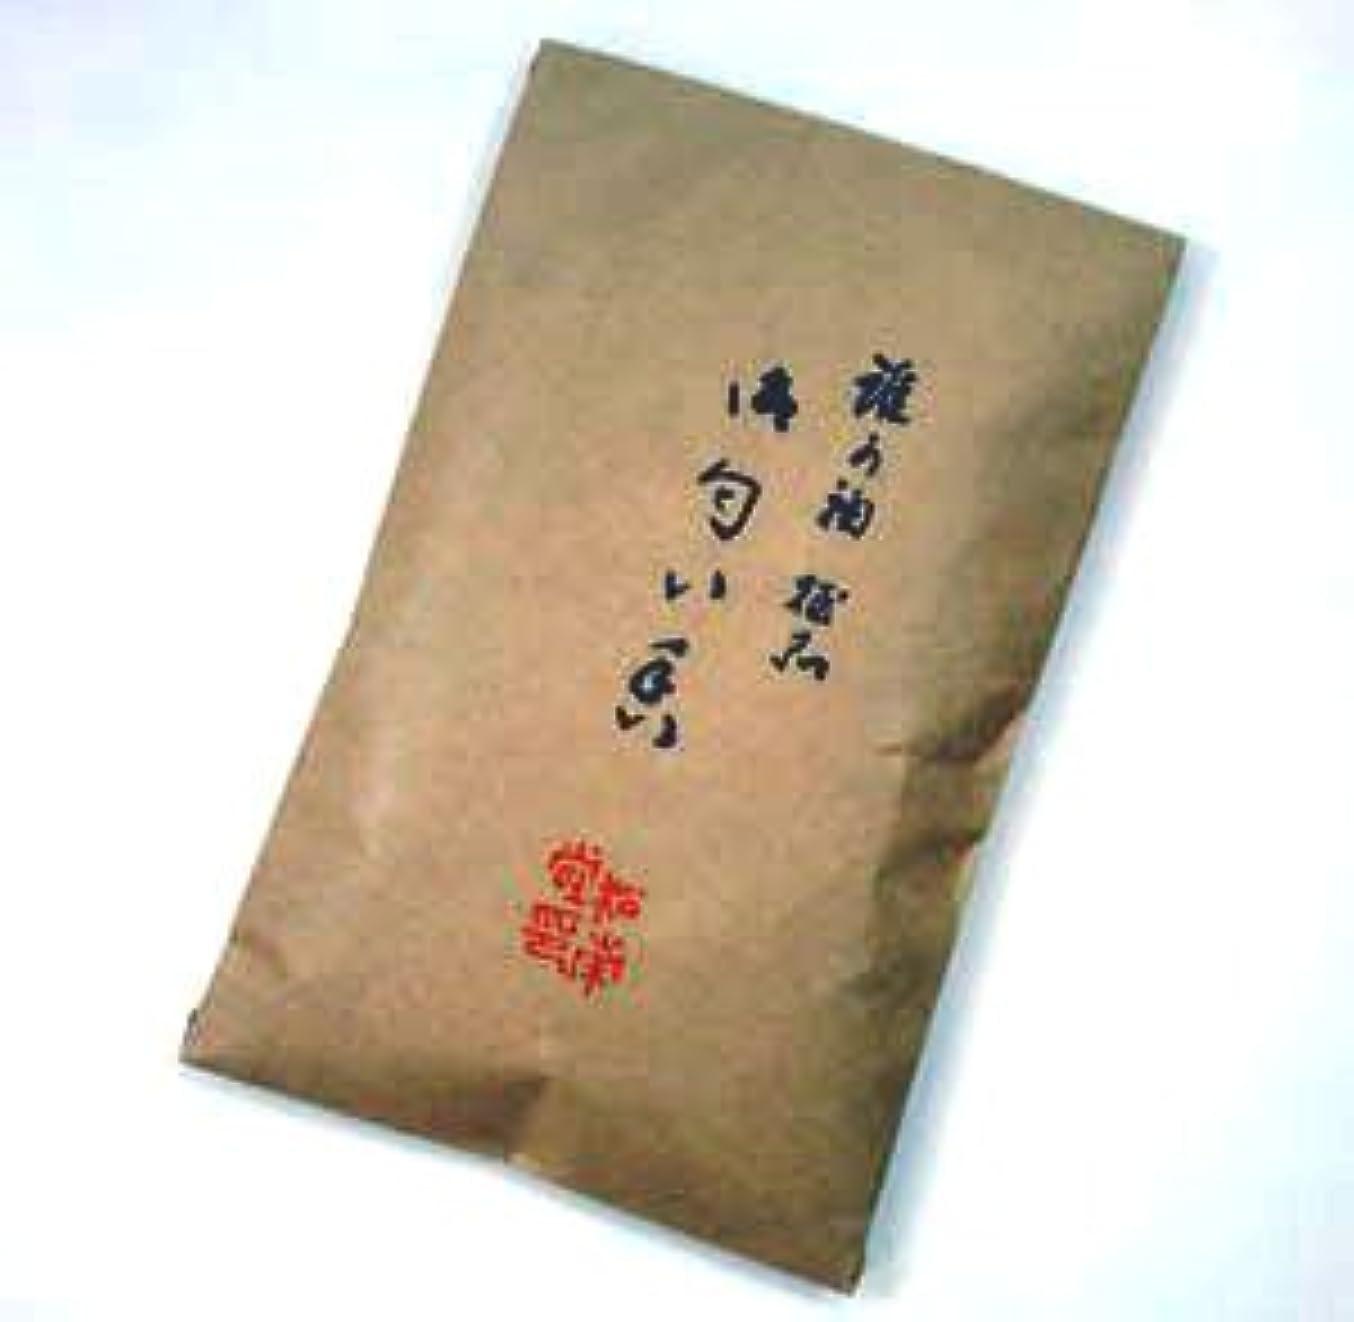 色合いそれによって玉匂い袋用のお香(詰替え用) 「匂い香【極品】」